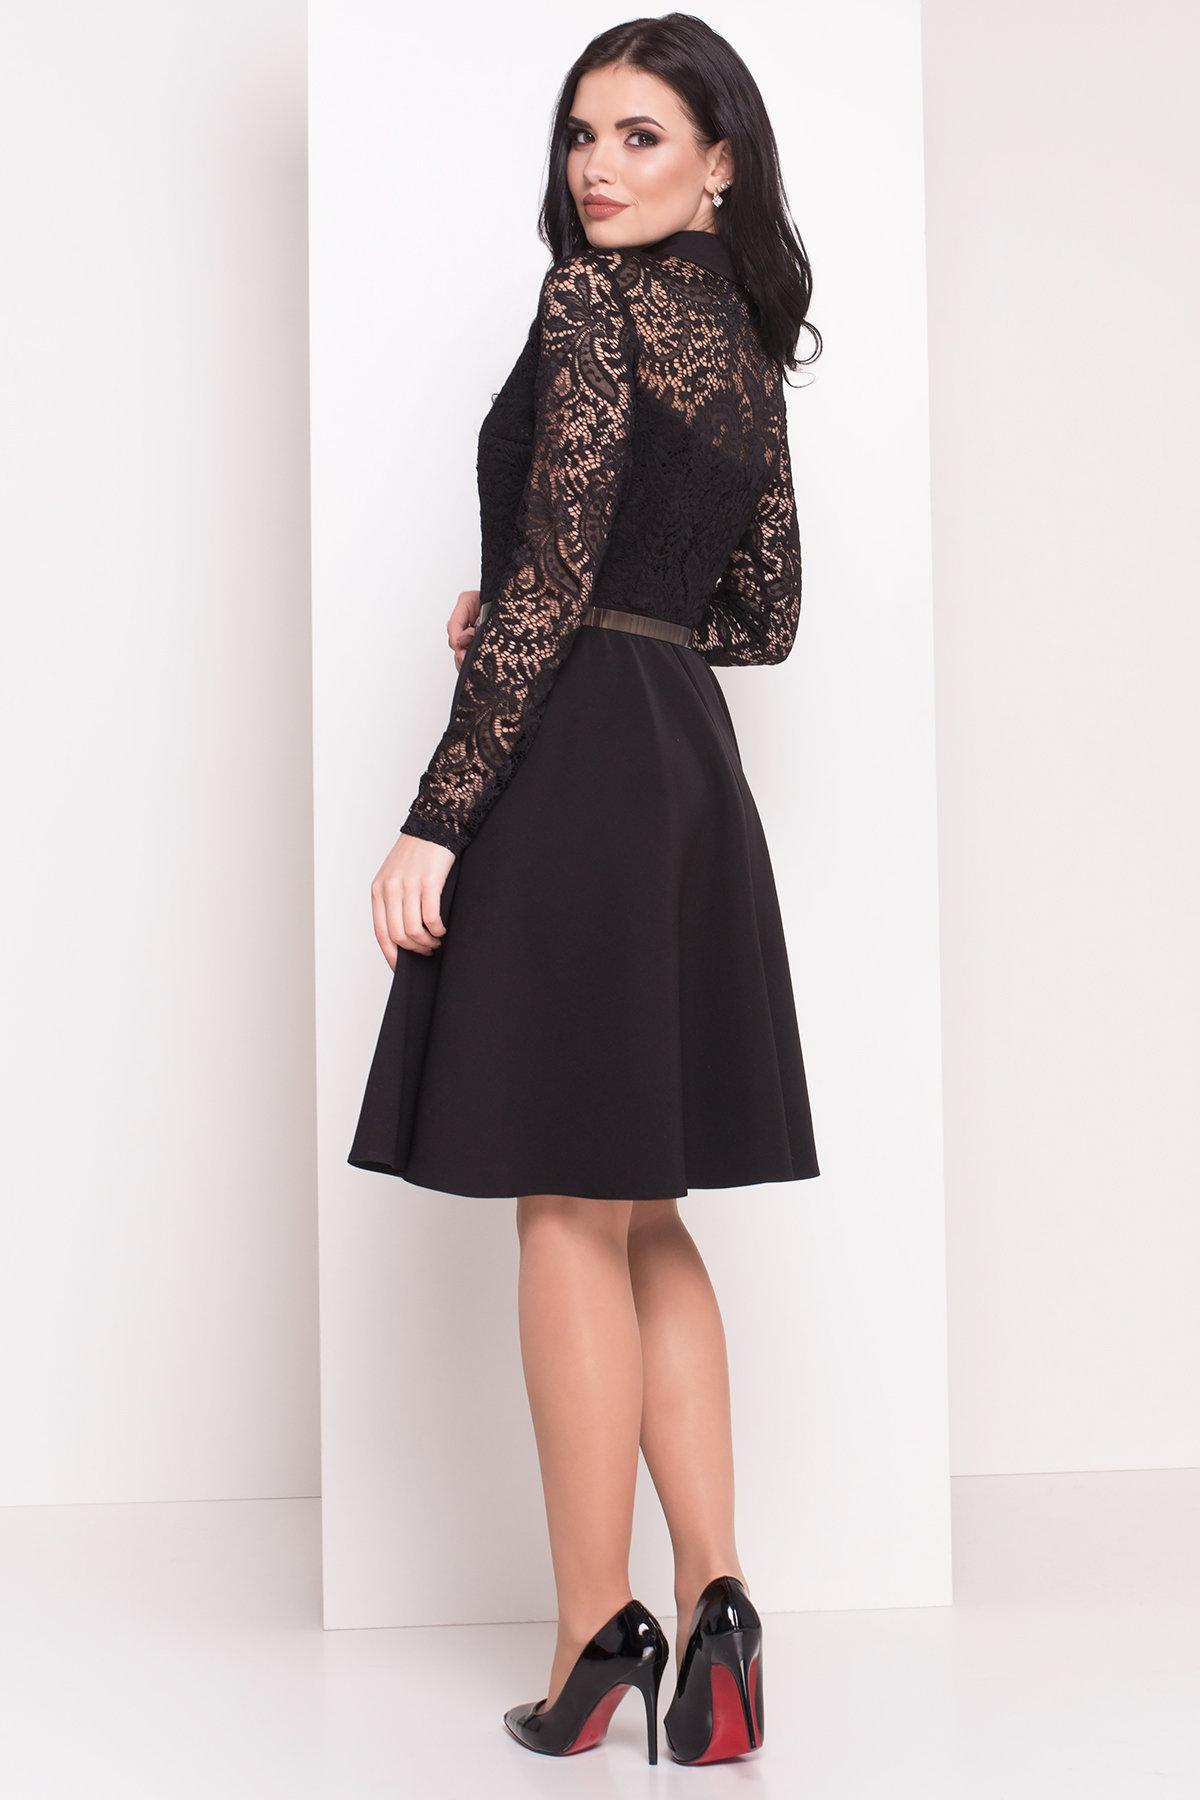 Платье с гипюровым верхом Элада 4188 Цвет: Черный